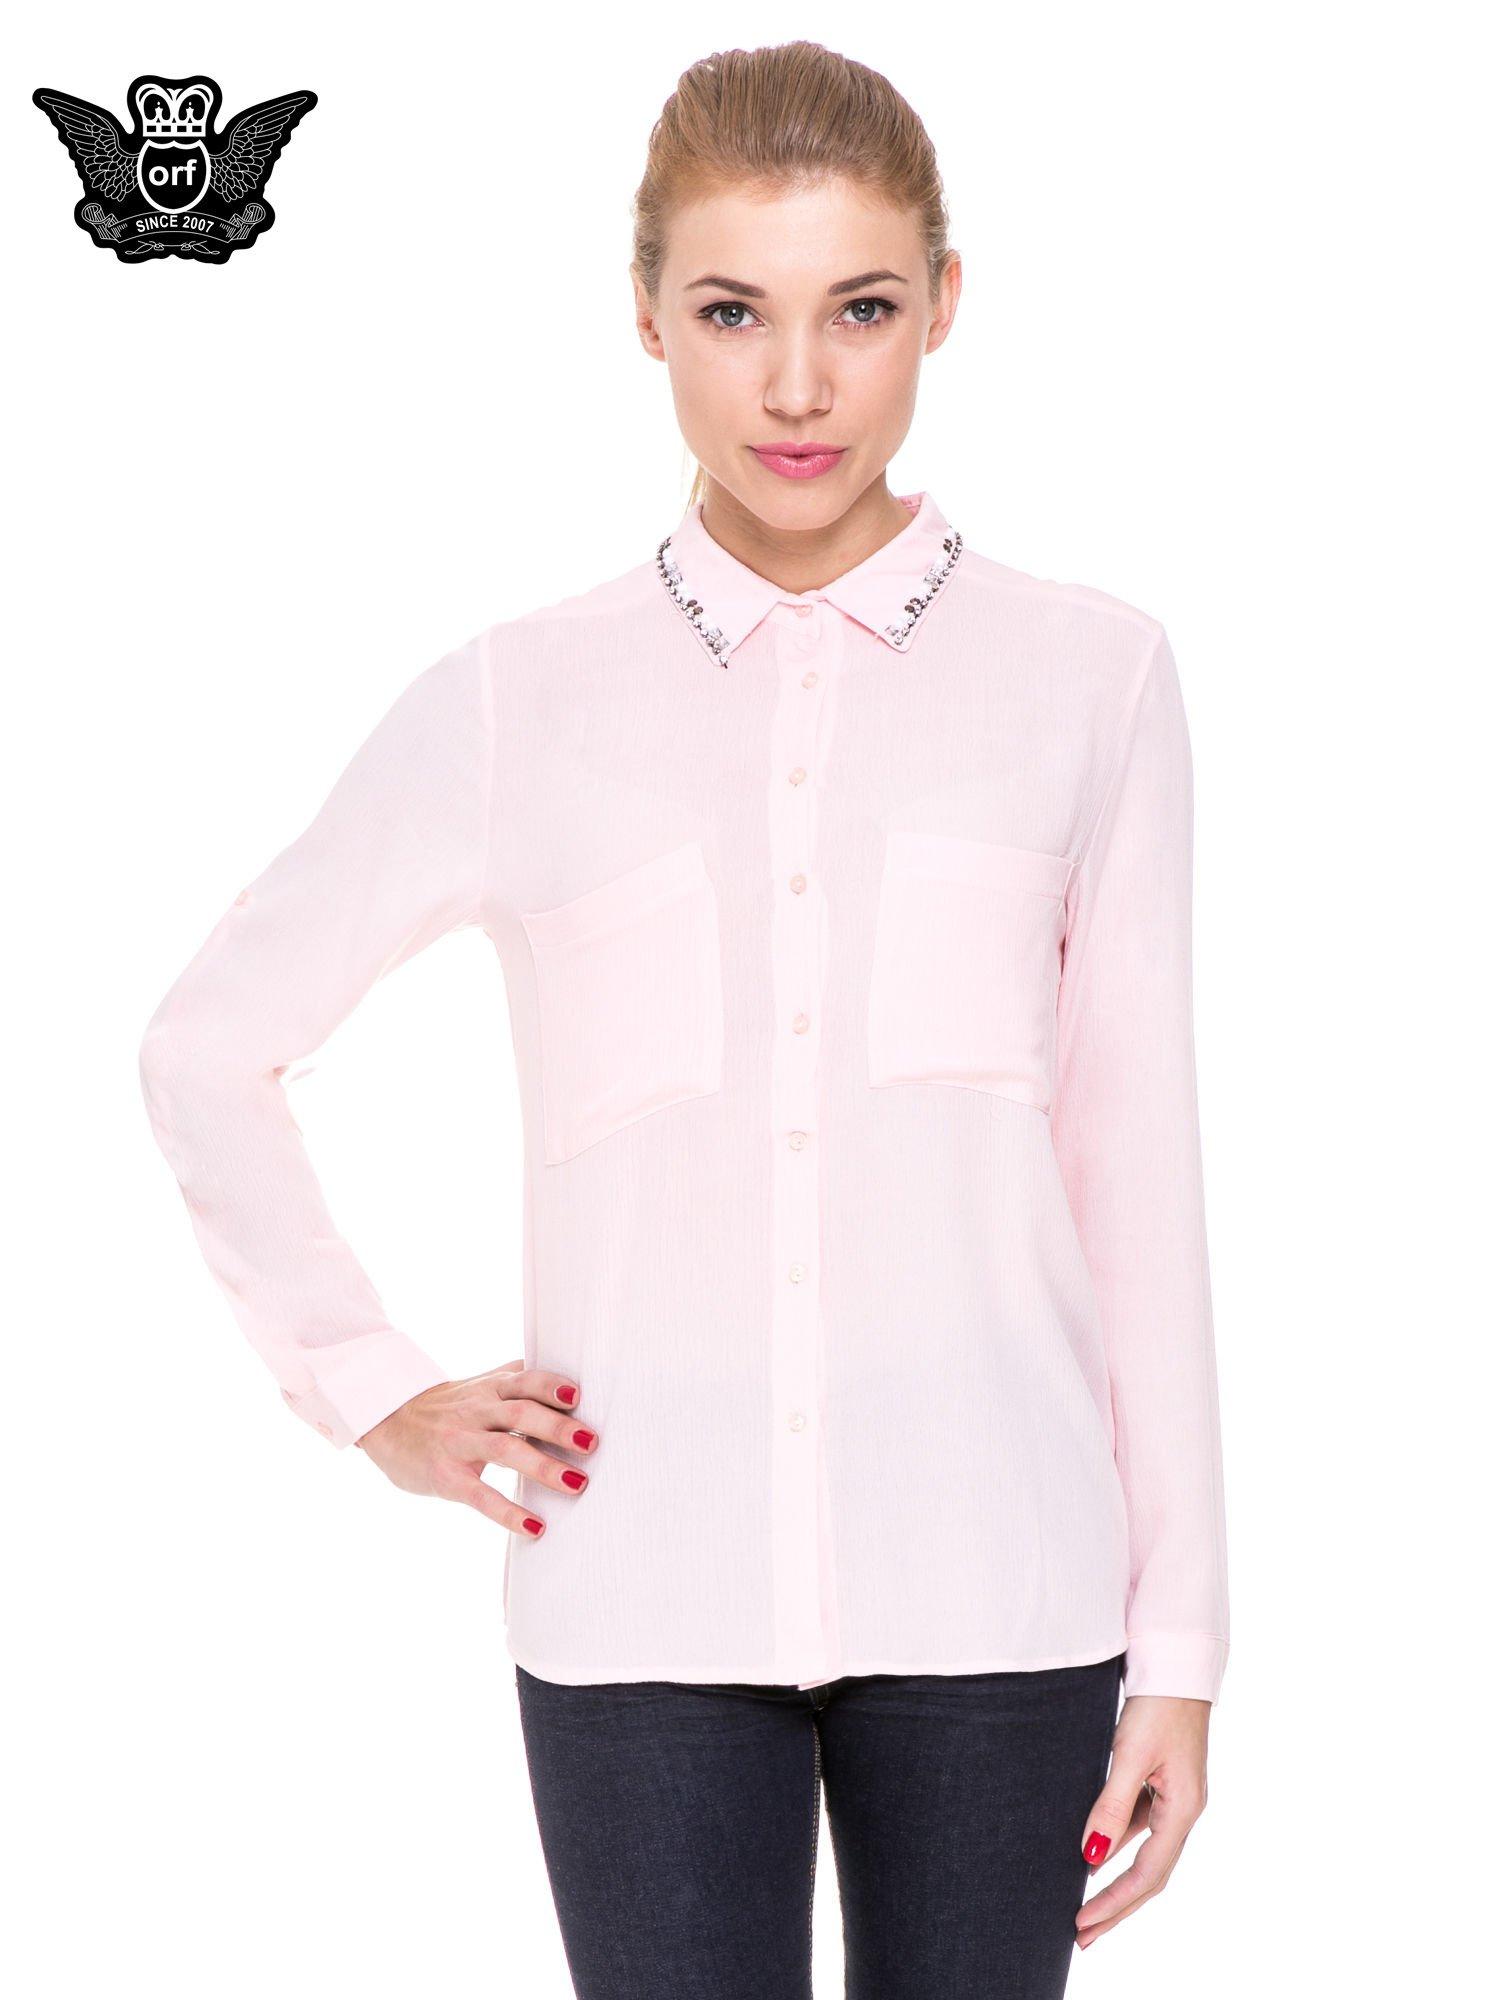 Różowa koszula z biżuteryjnym kołnierzykiem i kieszonkami                                  zdj.                                  1